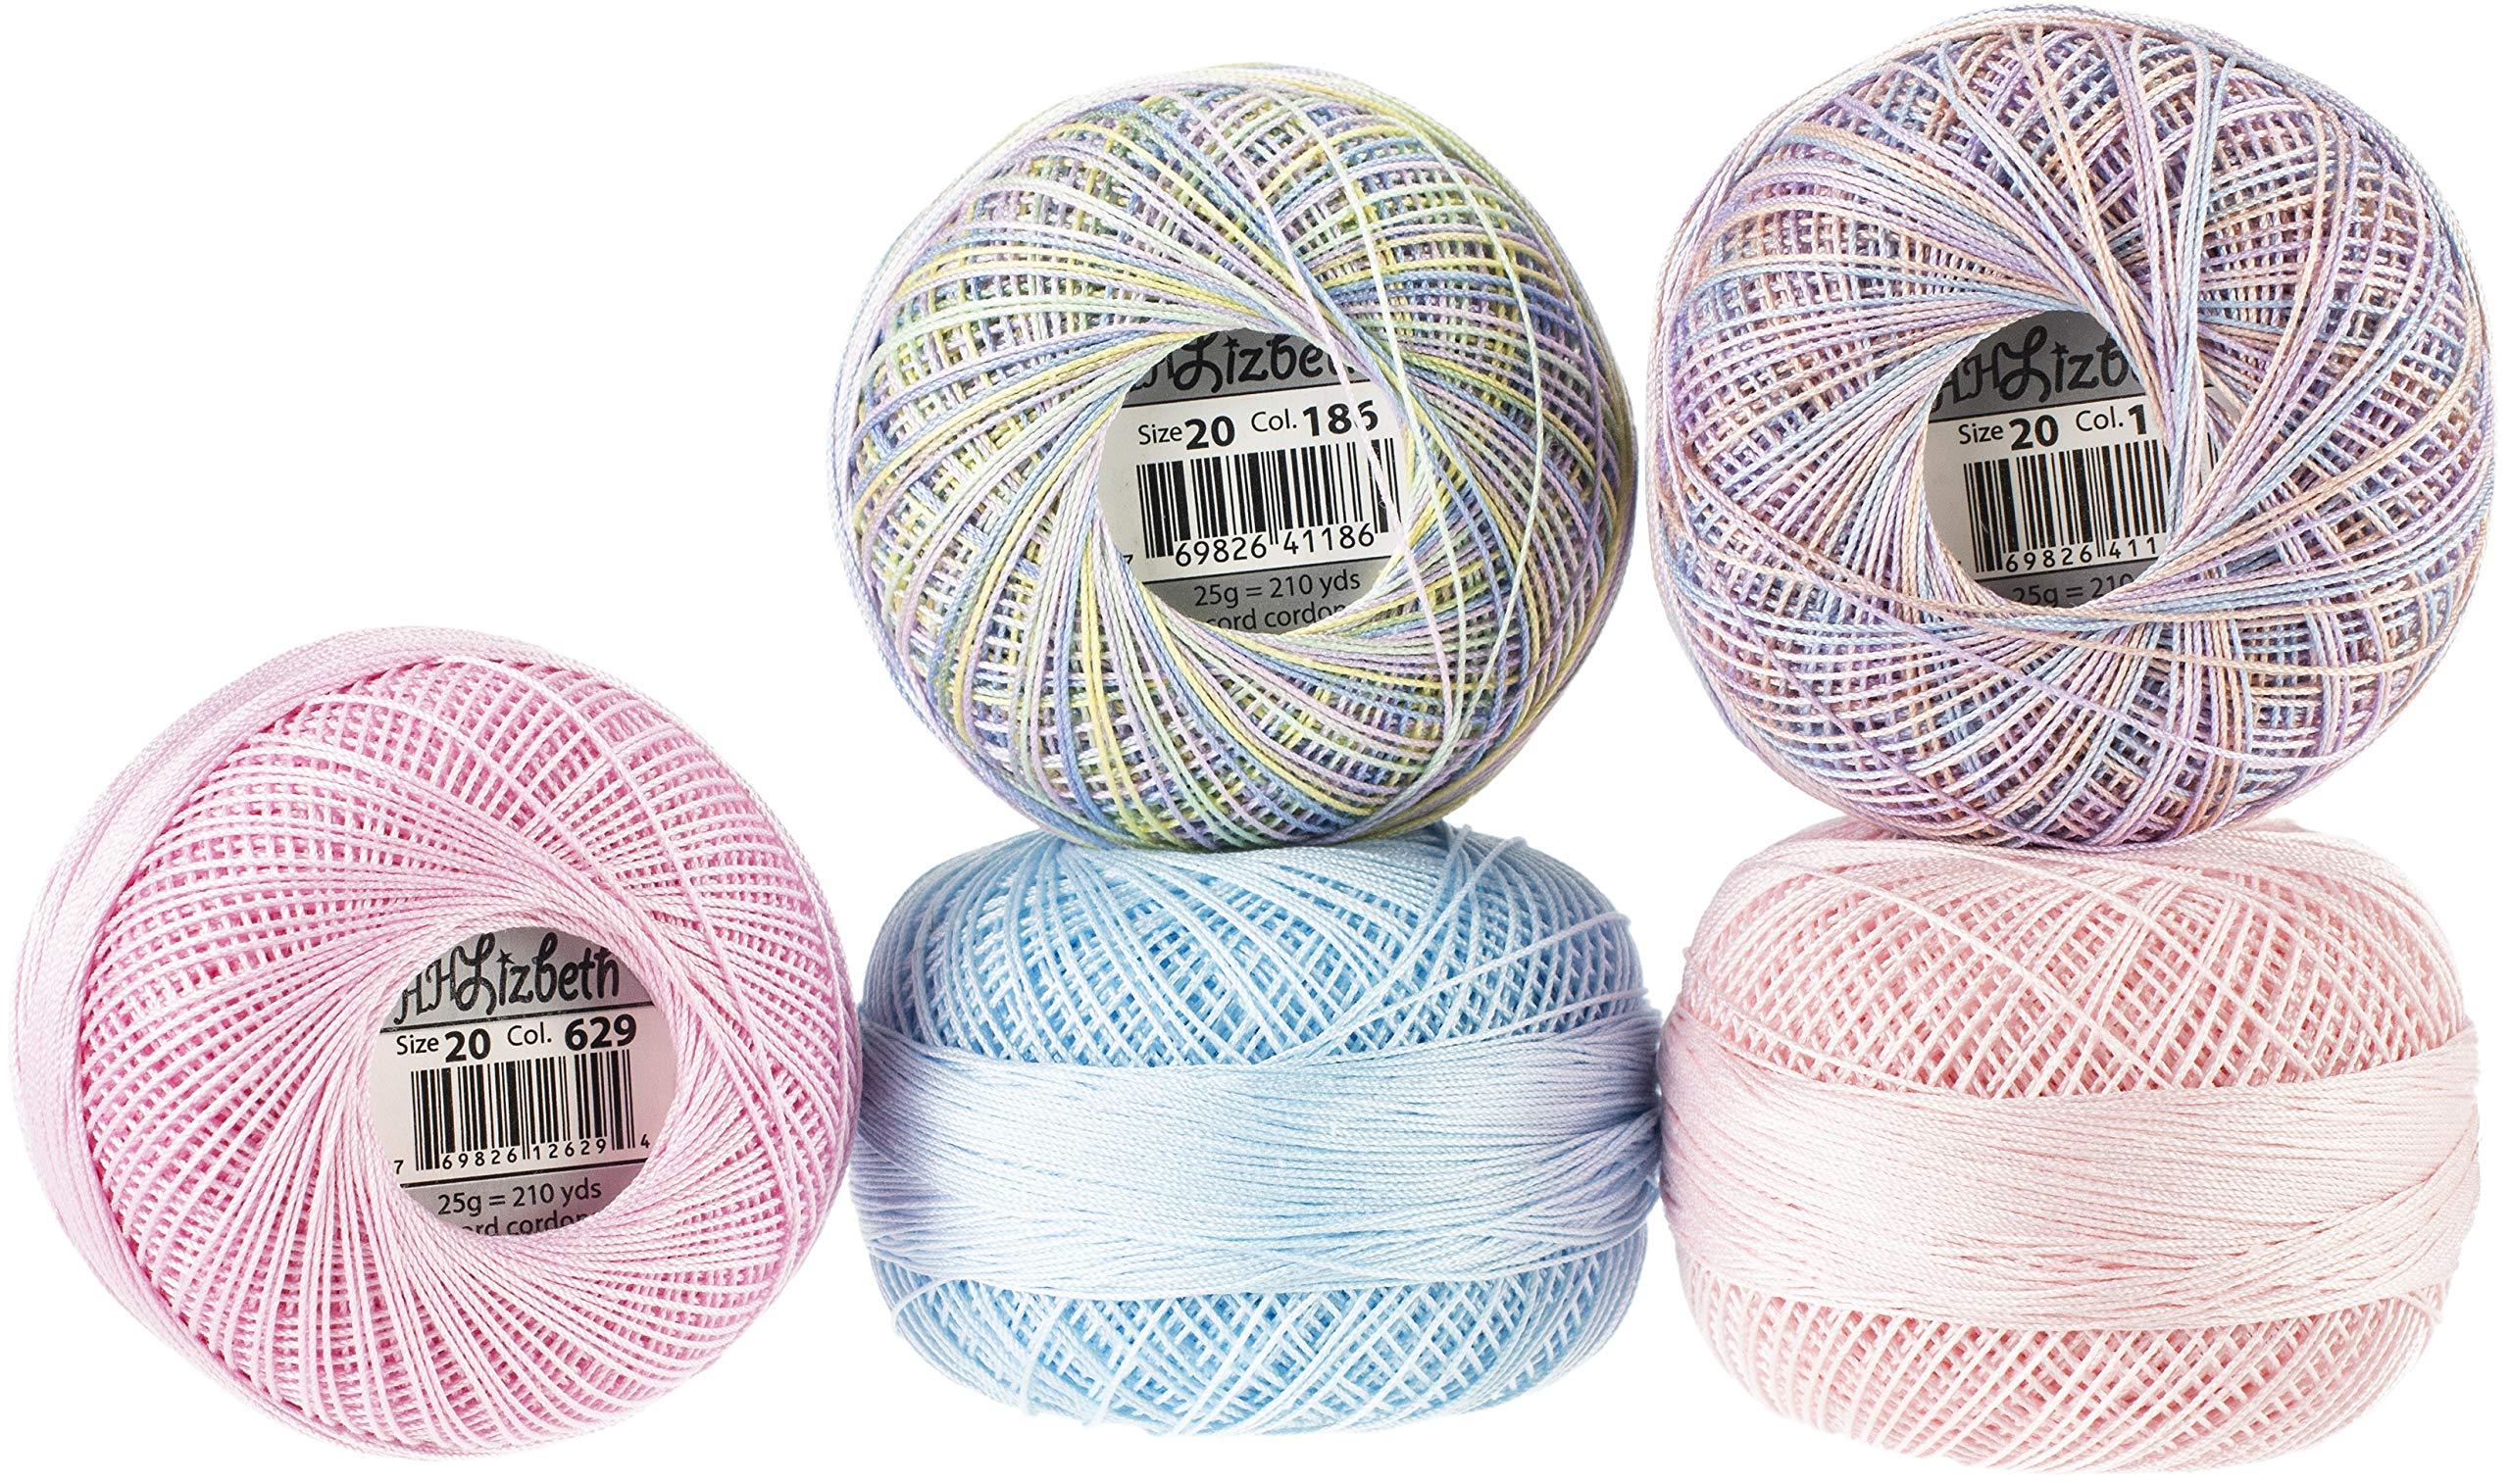 Handy Hands Lizbeth Specialty Pack Cordonnet Cotton Size 20-Spring Petals 5/Pkg